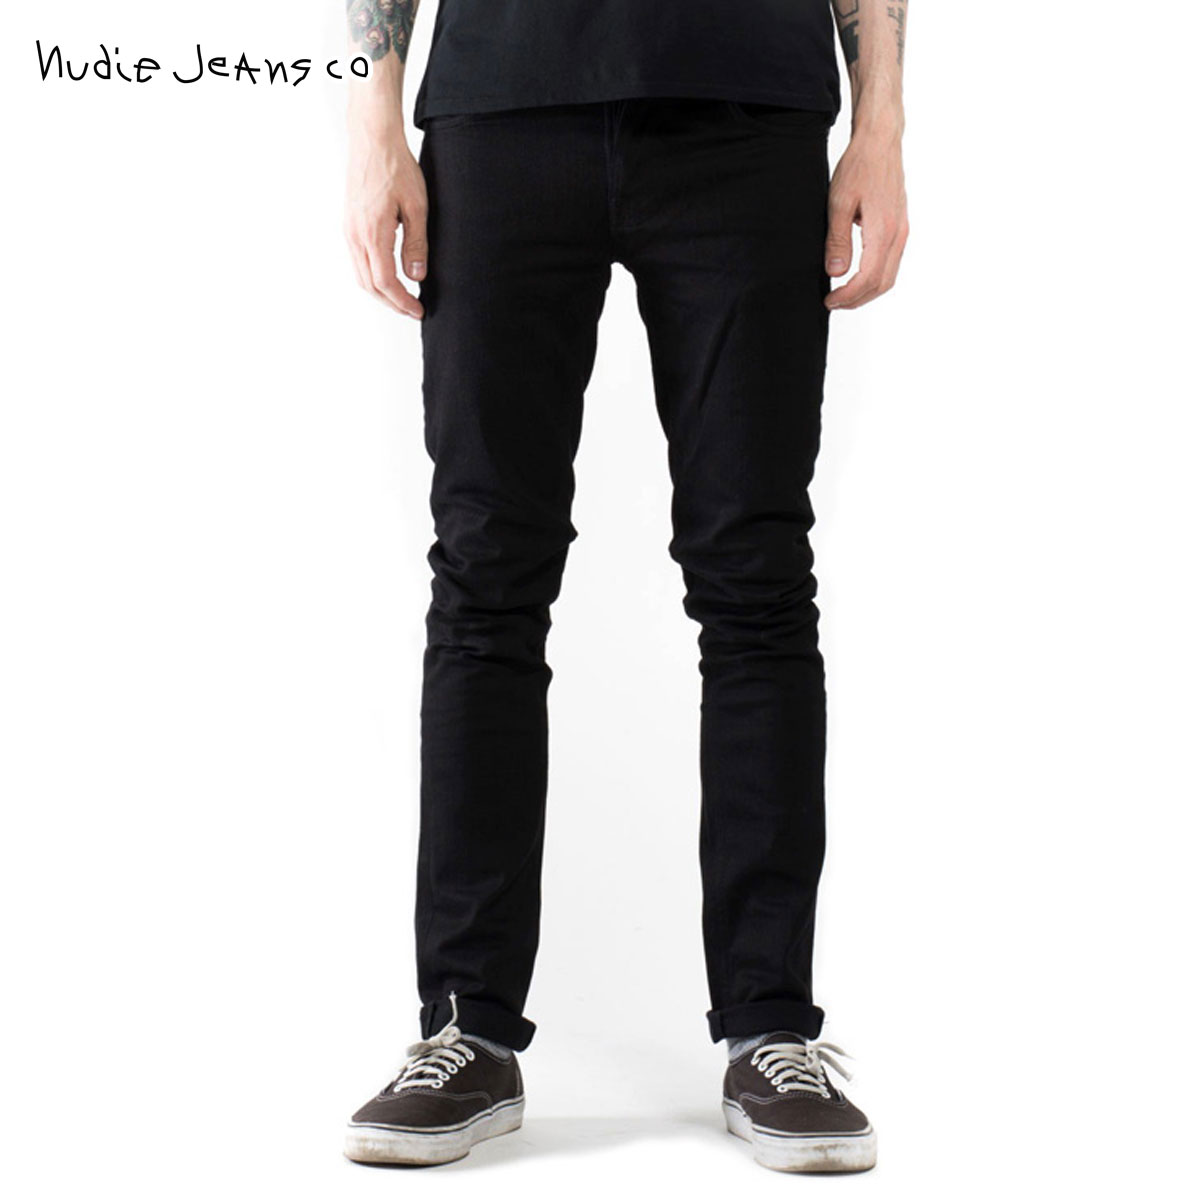 ヌーディージーンズ Nudie Jeans 正規販売店 メンズ ジーンズ Grim Tim Org. Black Ring 996 1112390